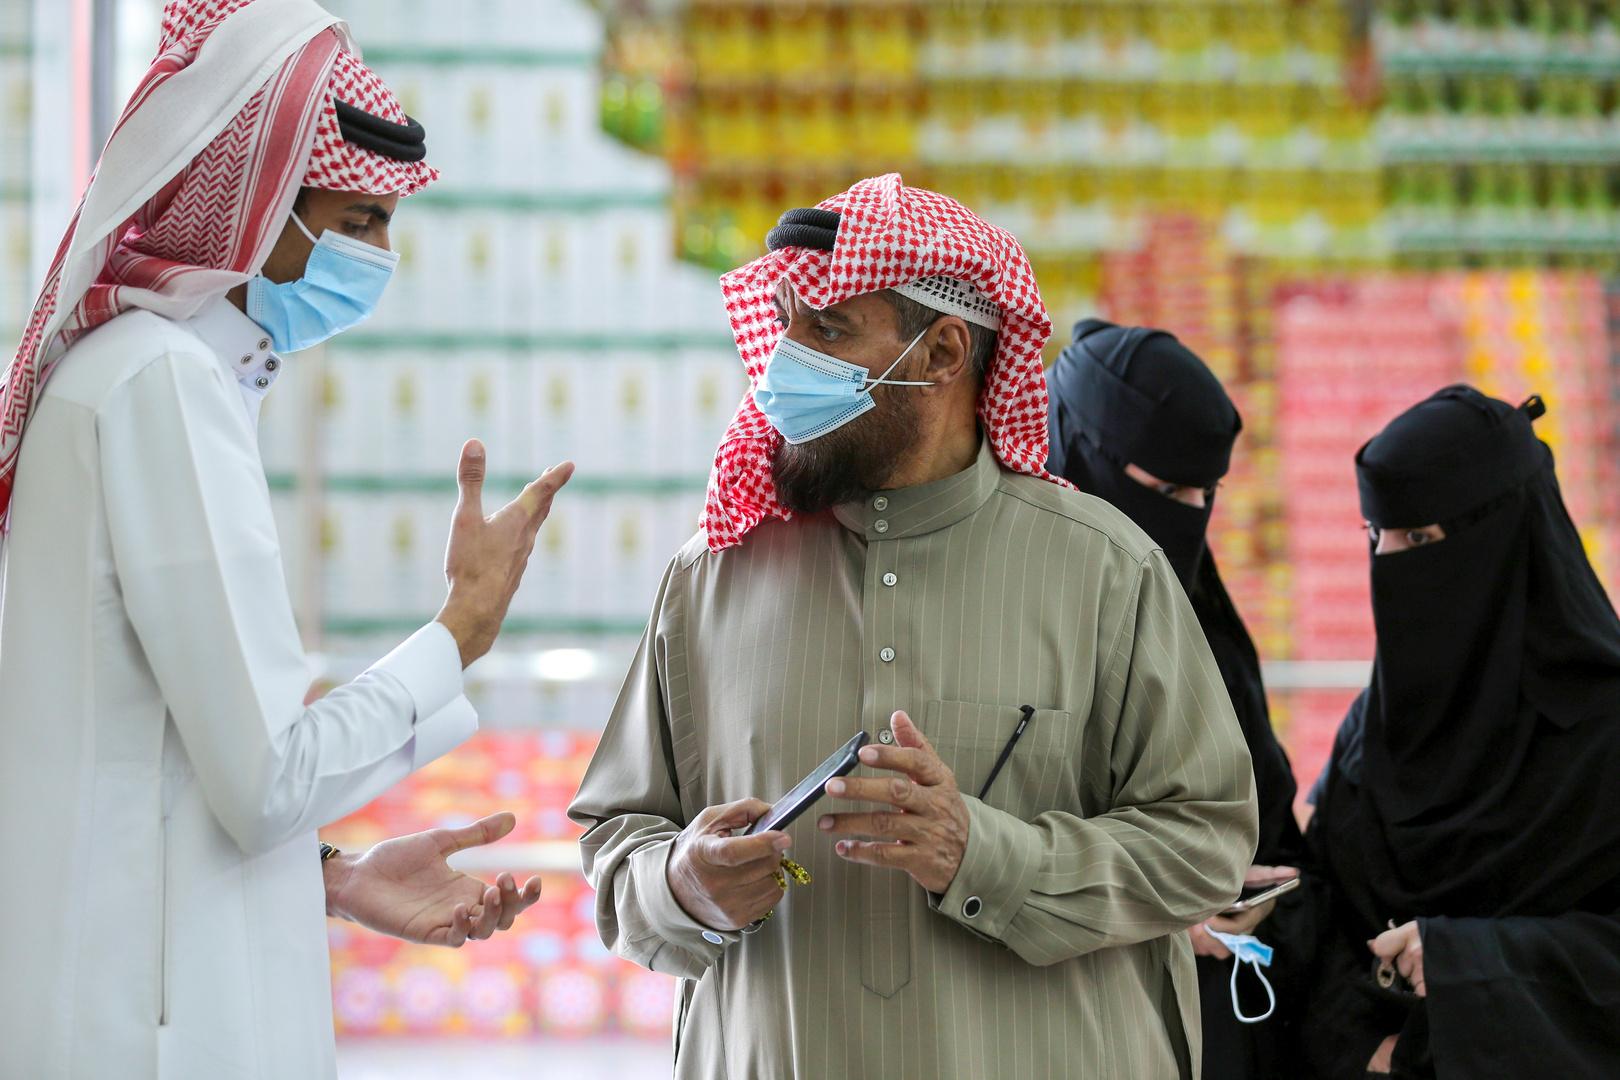 السعودية.. انخفاض إصابات ووفيات كورونا خلال آخر 24 ساعة